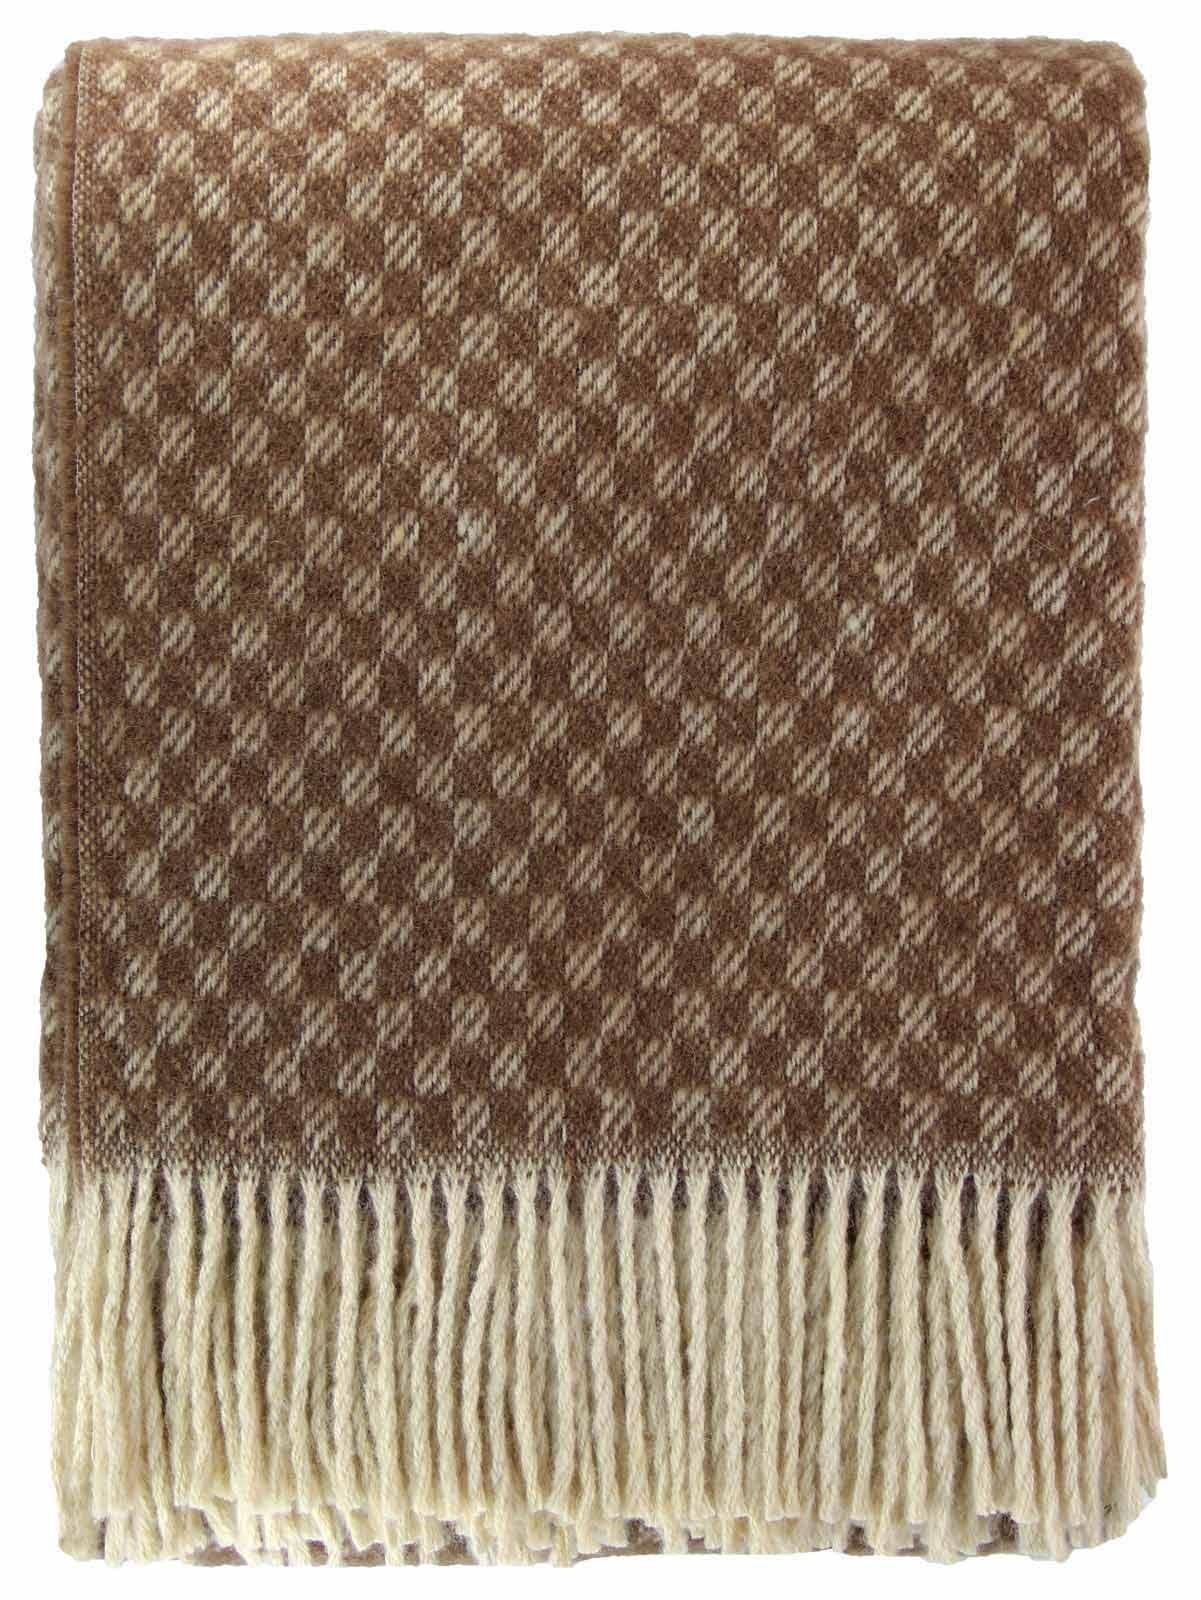 100 nouvelle z lande laine plaid plaid laine couverture couvre lit 140 cm x 200 cm ebay. Black Bedroom Furniture Sets. Home Design Ideas